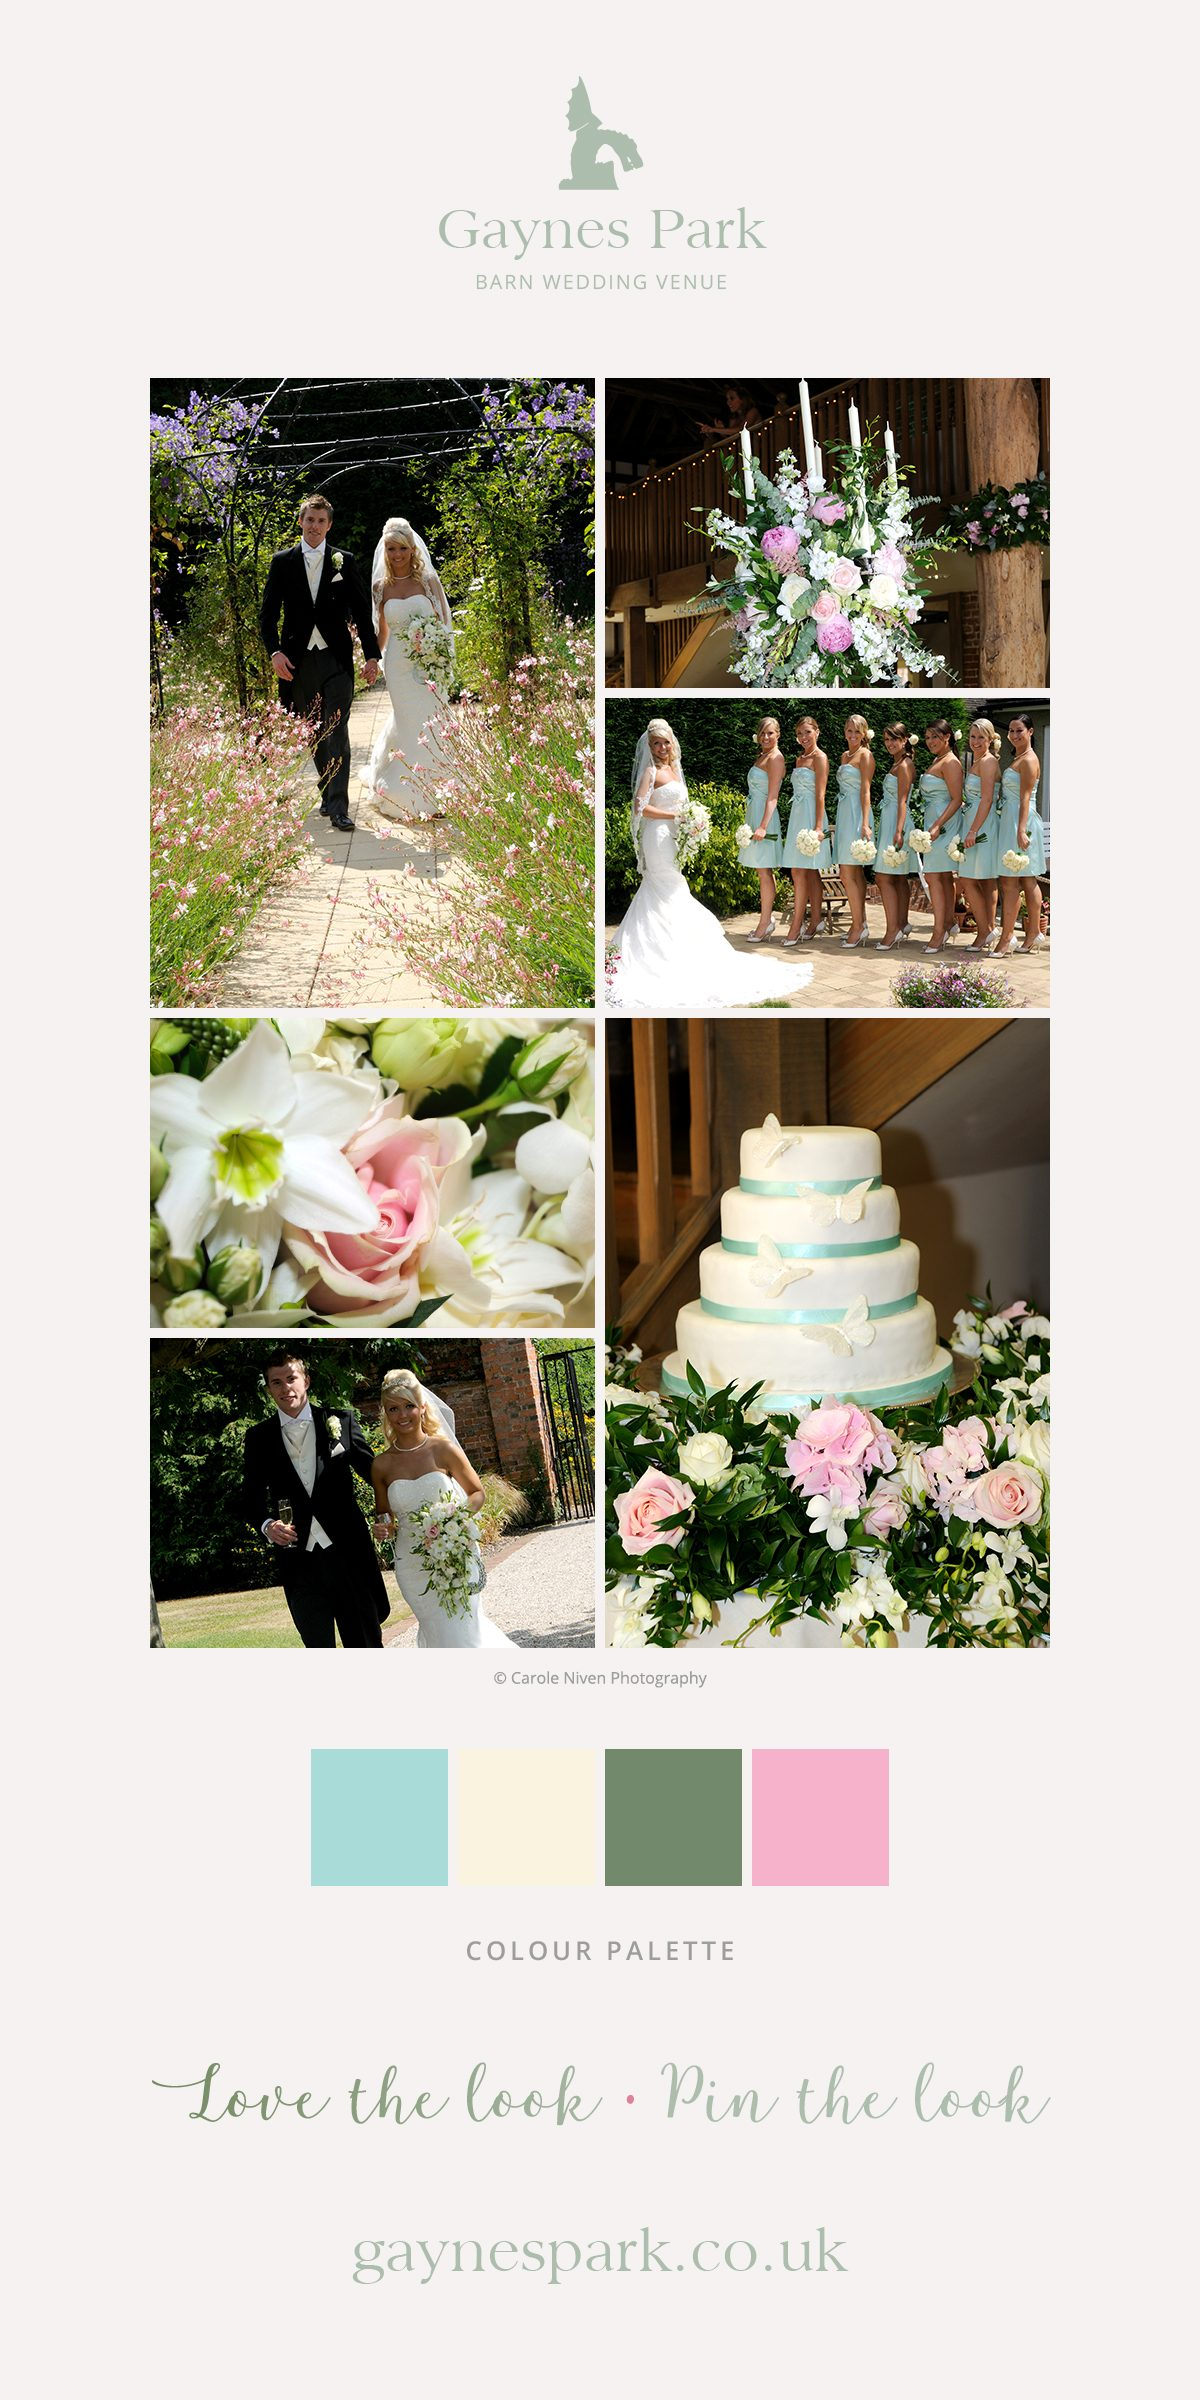 Jessica and David's real life wedding at Gaynes Park